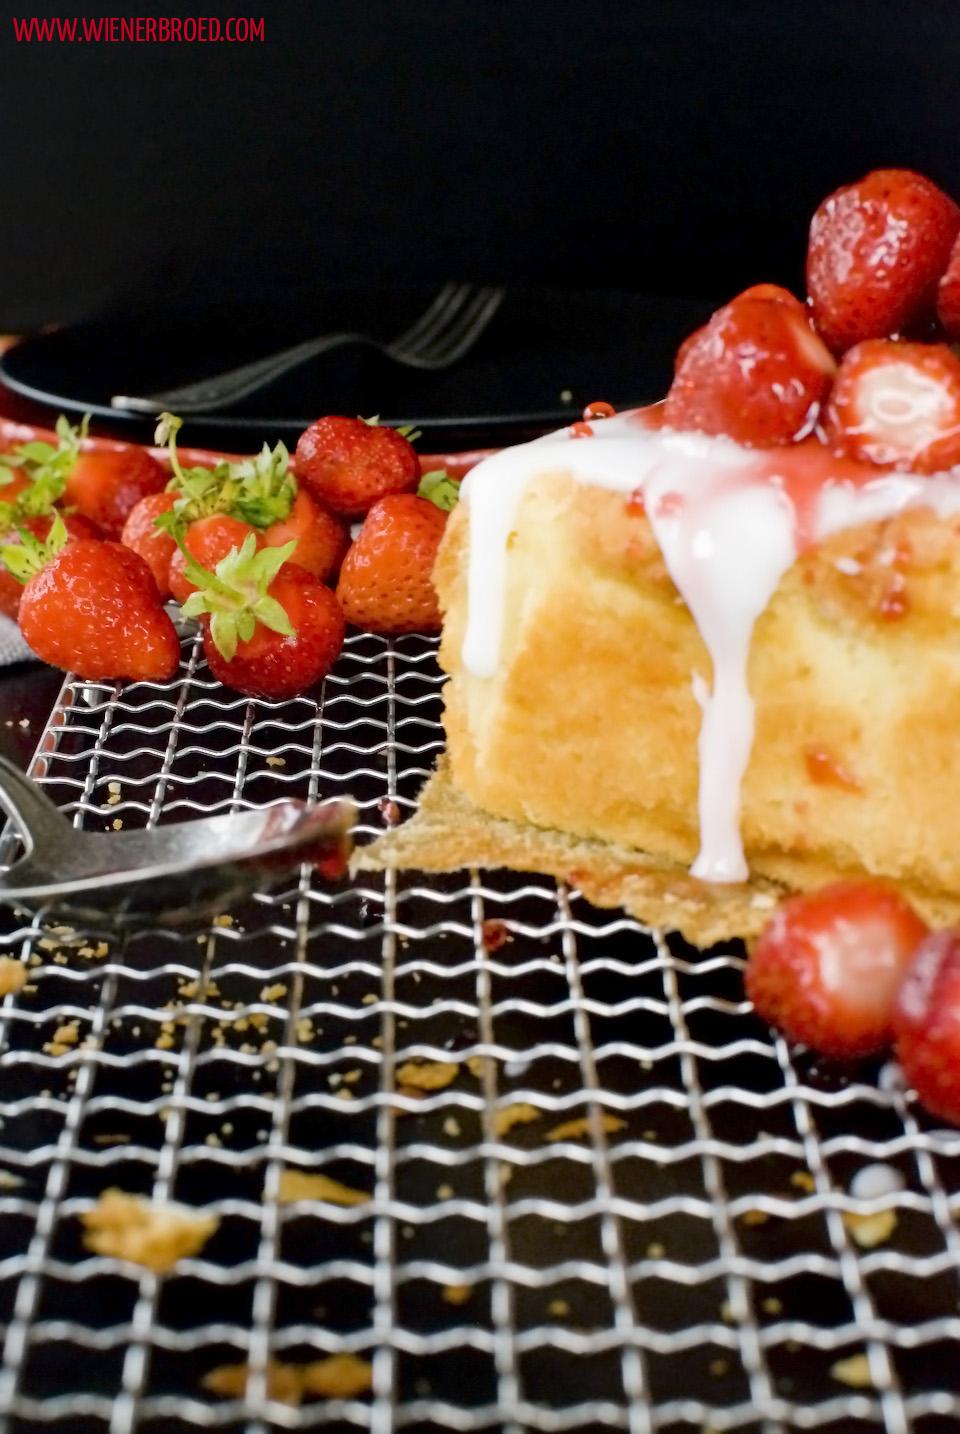 Erdbeer-Eierlikör-Kuchen / Strawberry advocaat cake [wienerbroed.com]